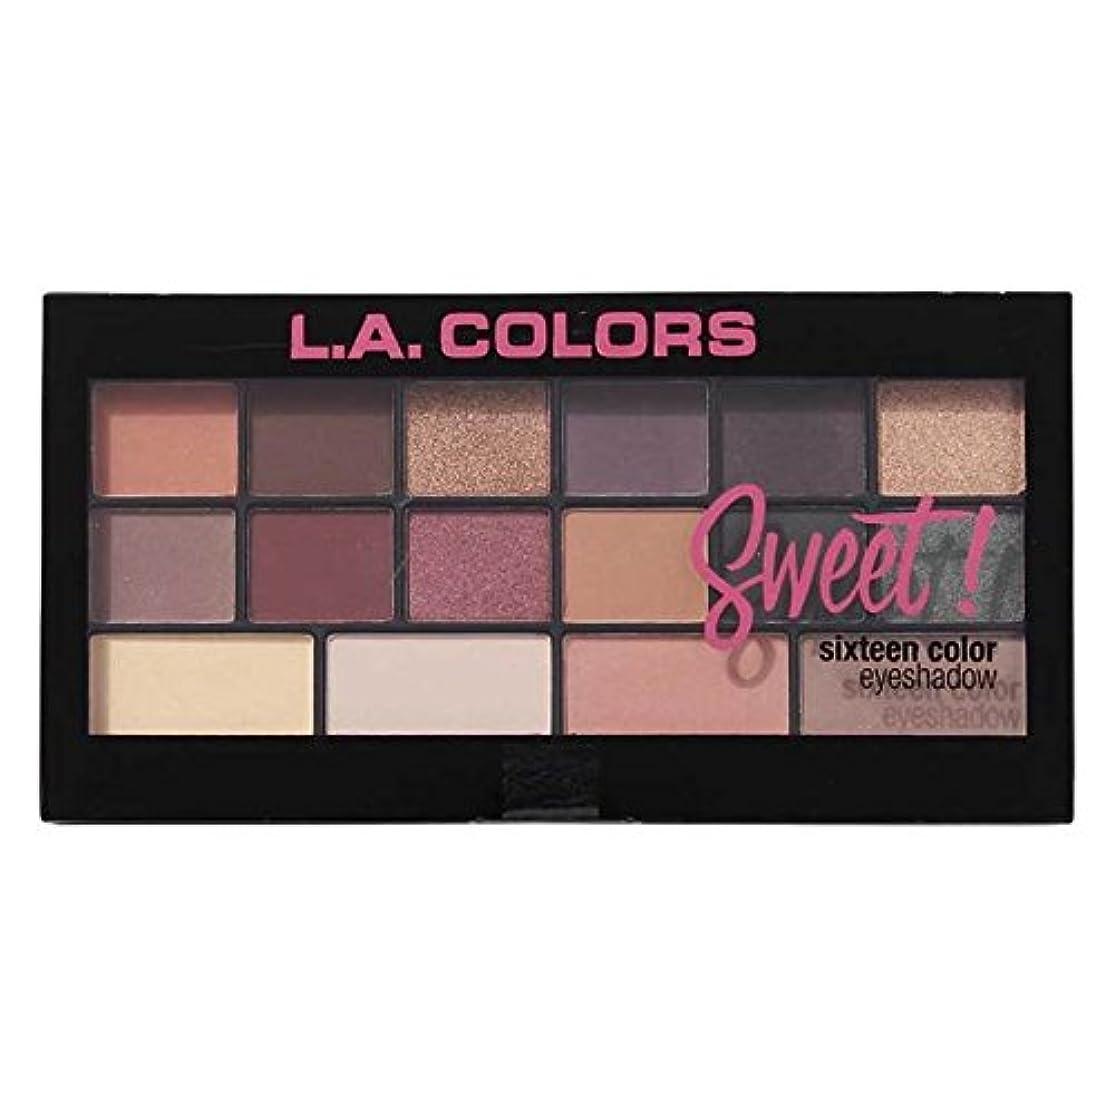 悪用飼い慣らす痛み(3 Pack) L.A. Colors Sweet! 16 Color Eyeshadow Palette - Seductive (並行輸入品)